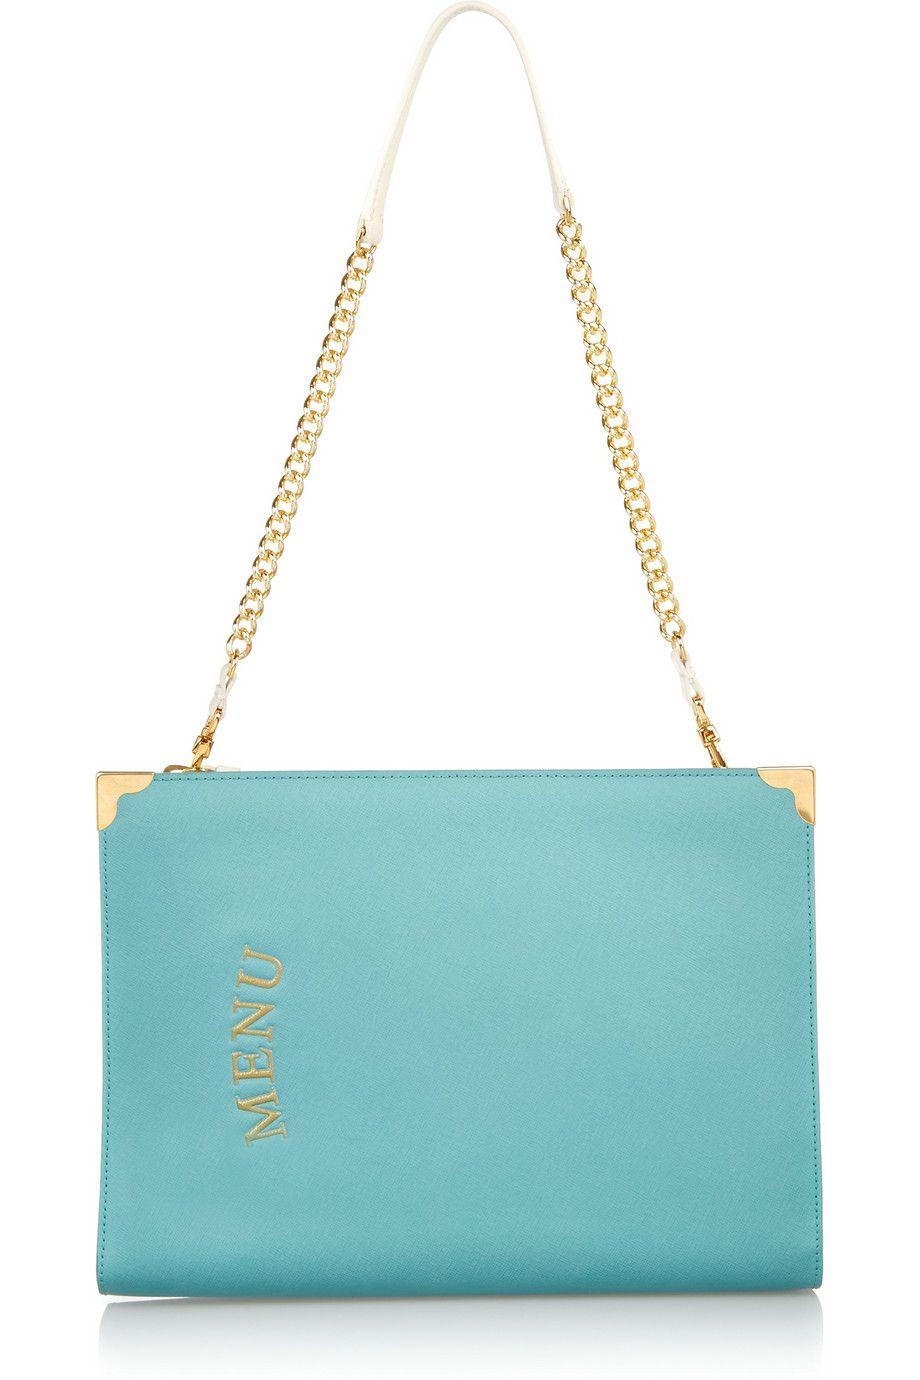 Moschino Textured Leather Shoulder Bag SkzvYm5plw